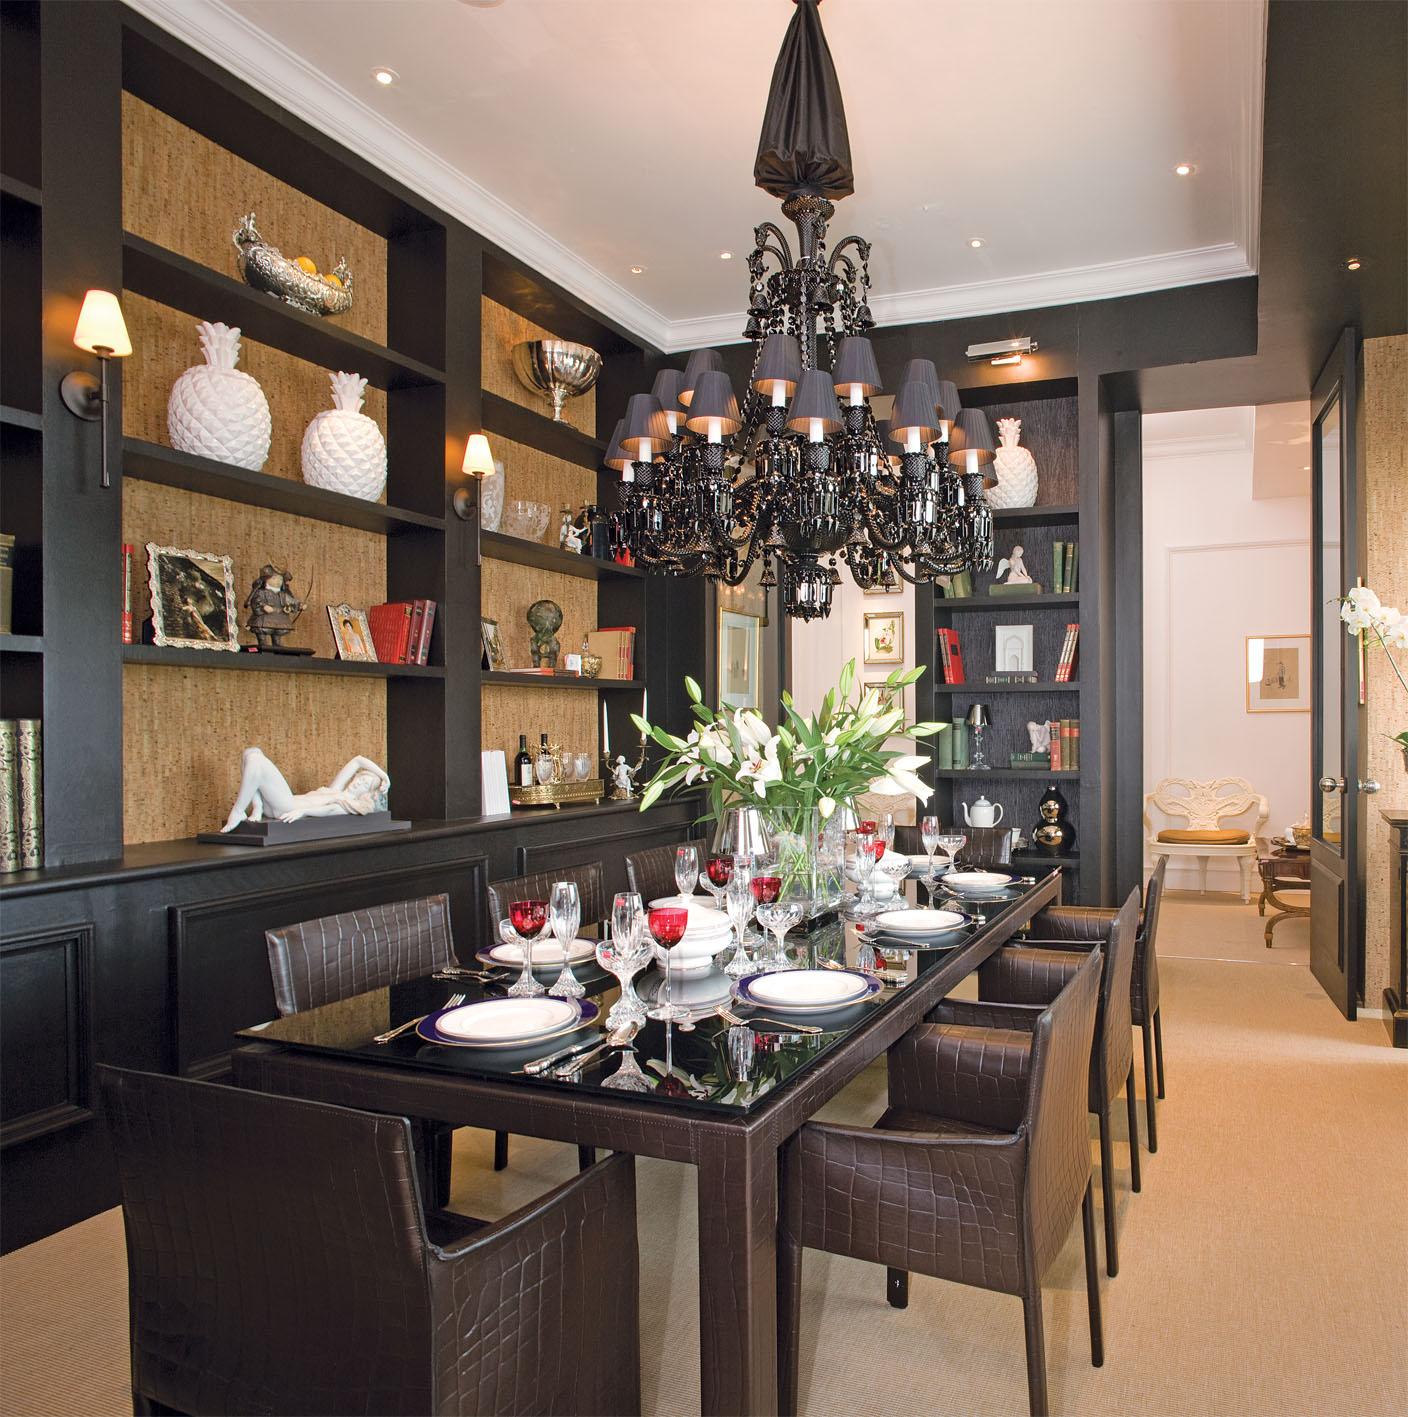 Home interior design design inspiration from park avenue for Park avenue designs